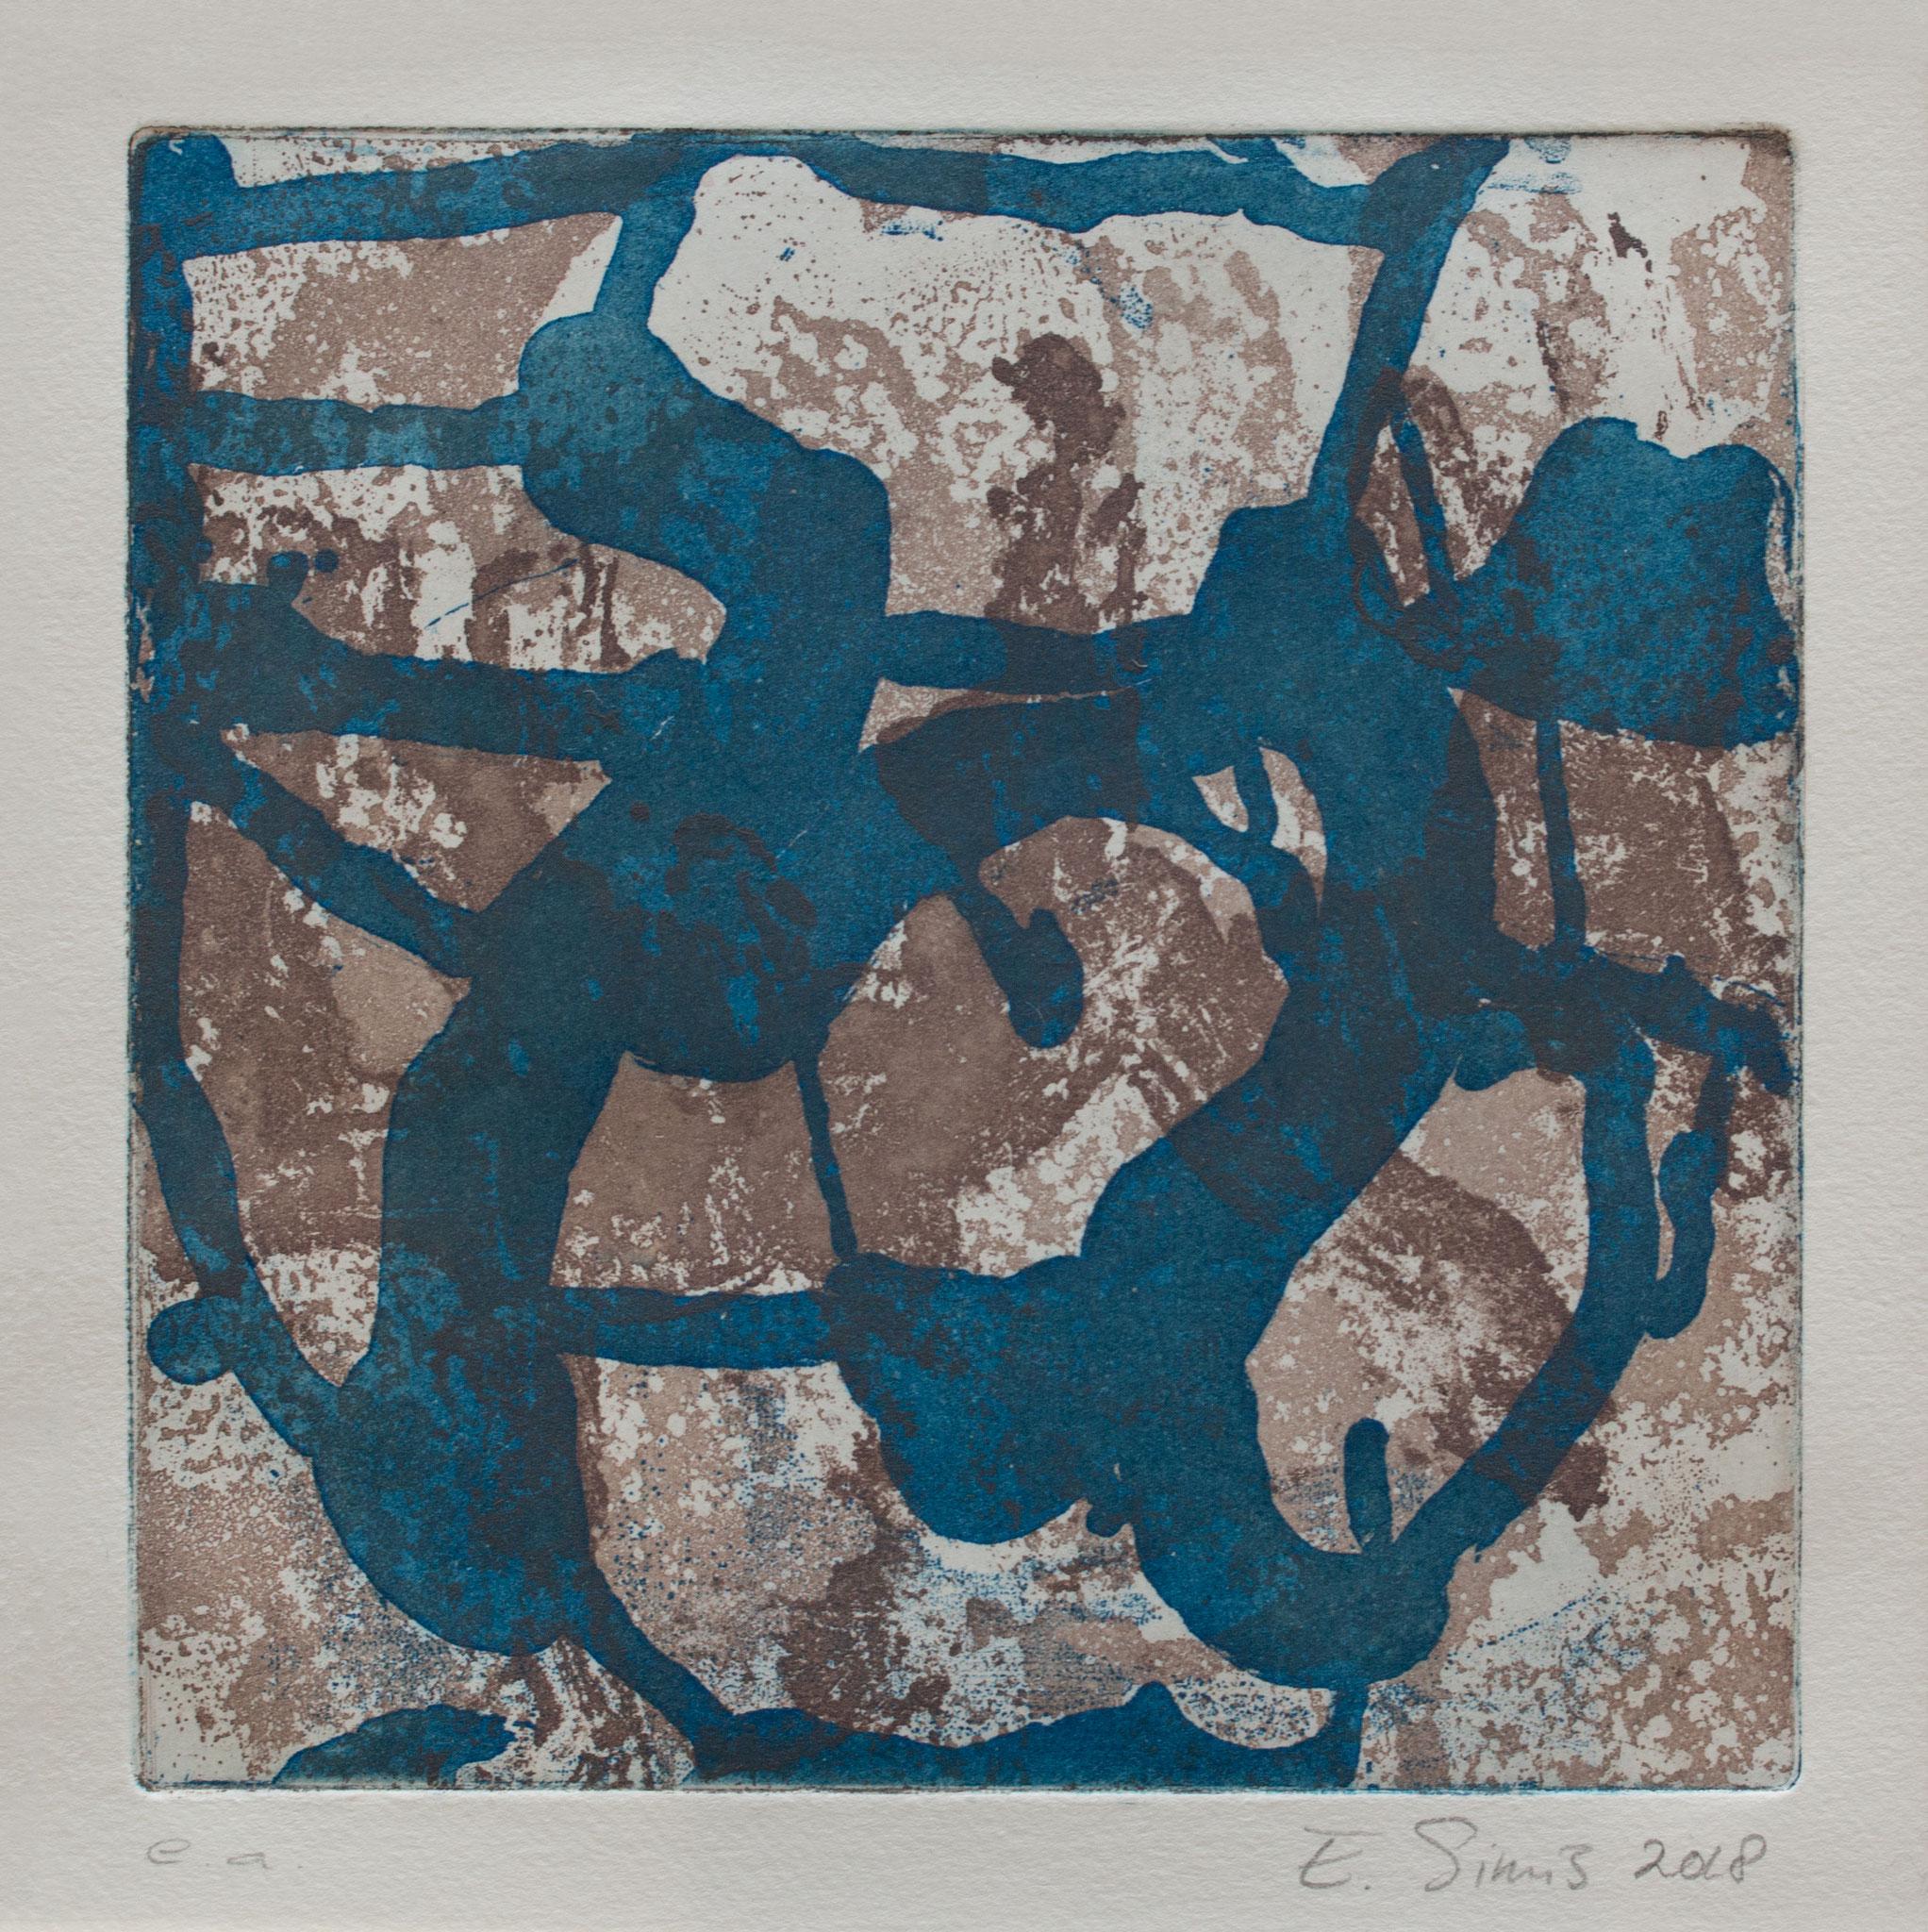 Ets, aquatint, 14x14 cm 2018